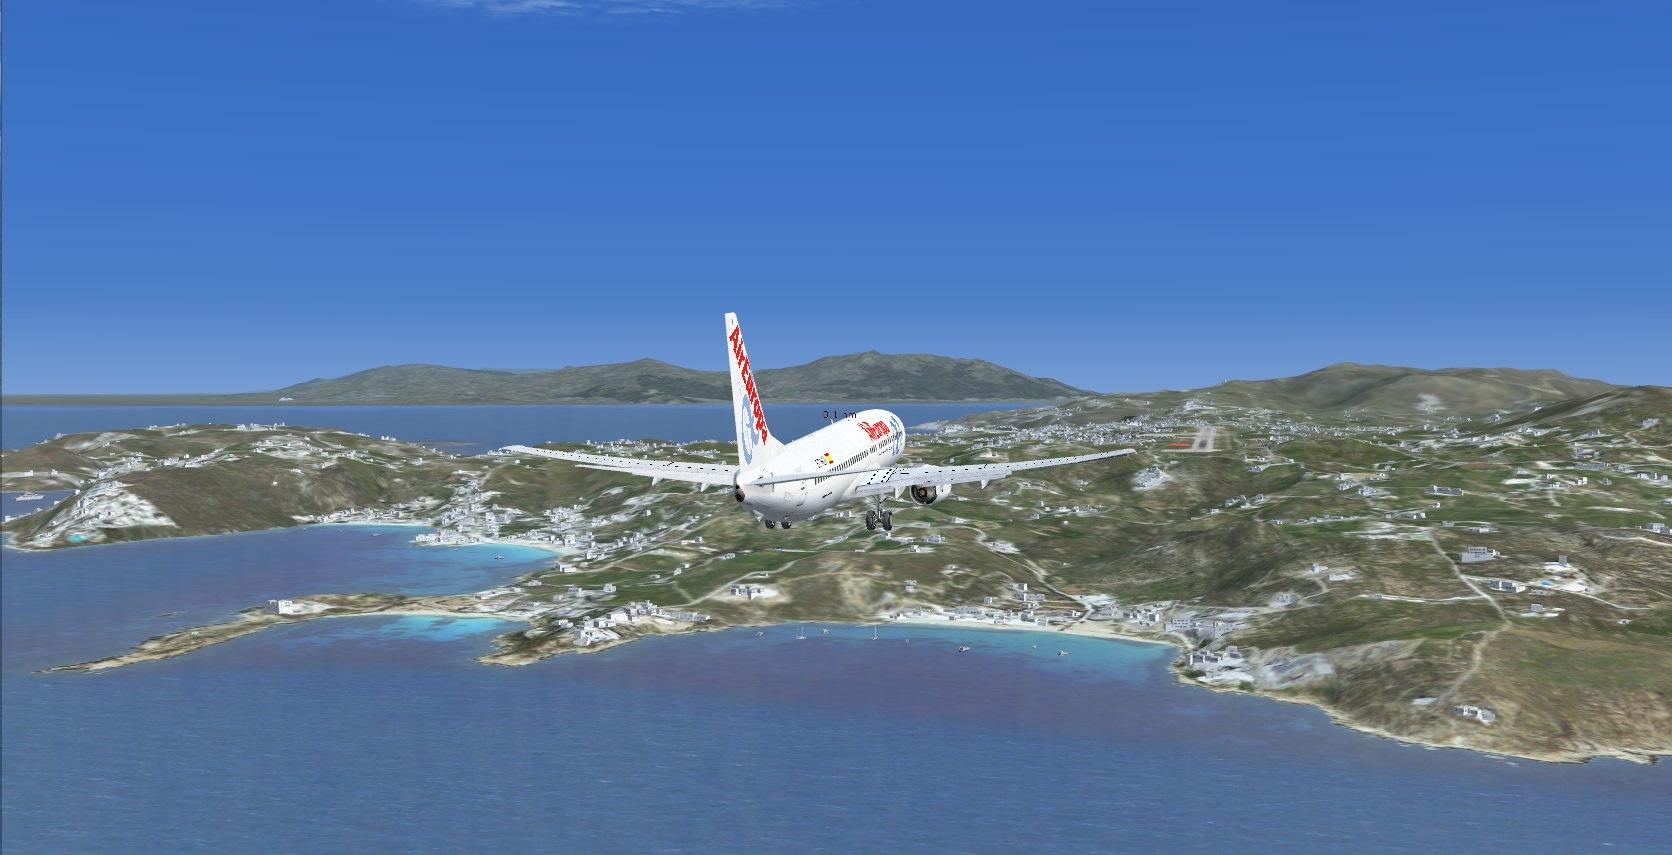 First landing Mykonos 8840930983_4058188dc2_o